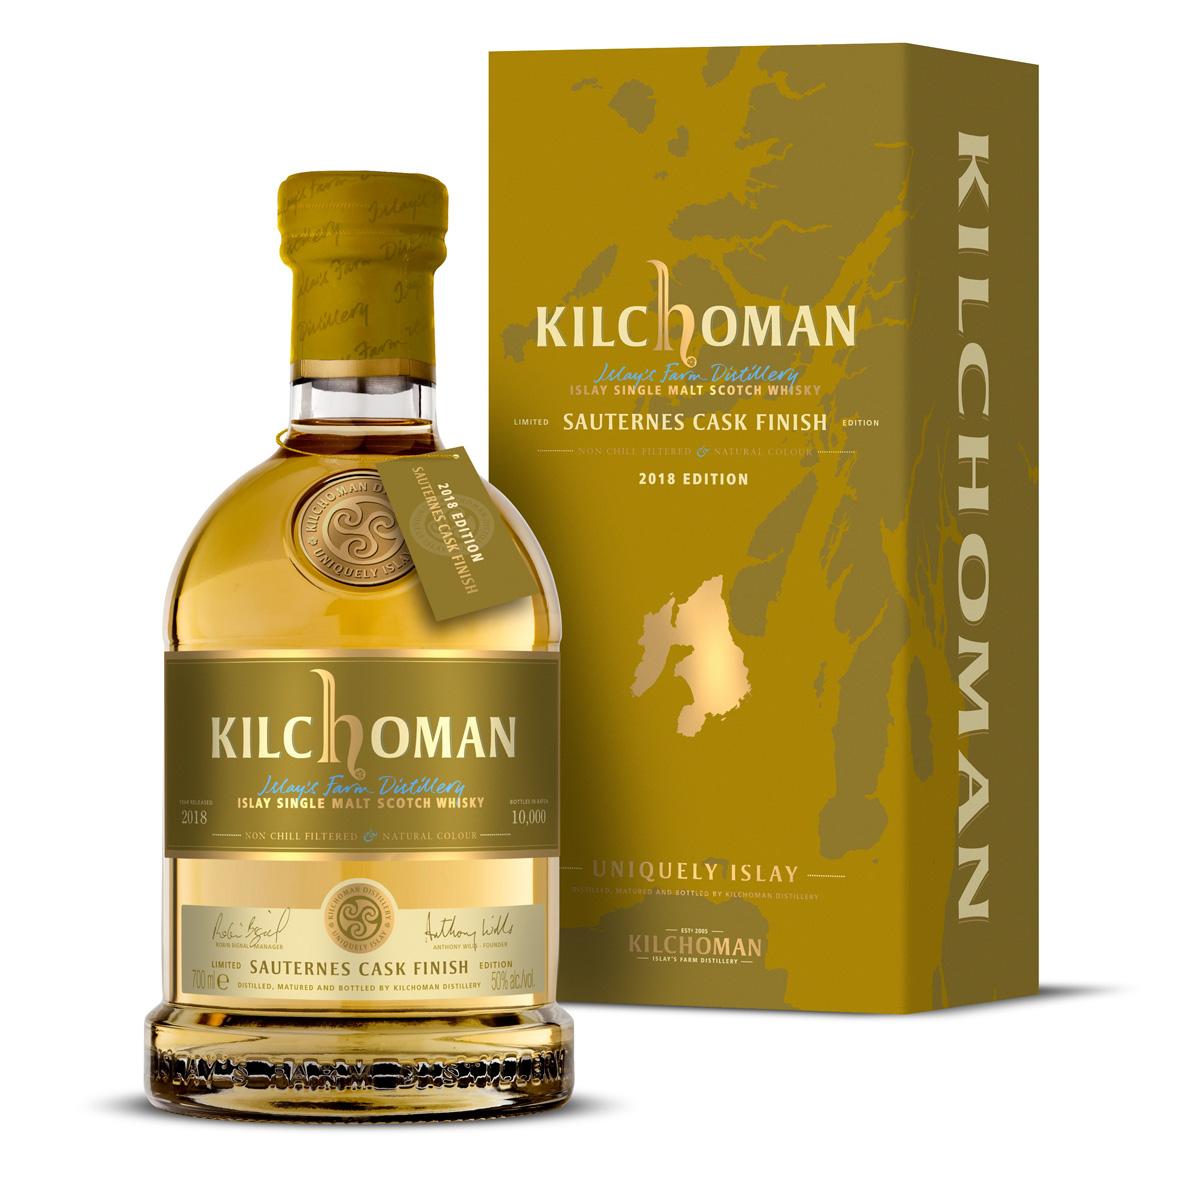 Kilchoman Sauternes cask whisyk. Flaska och kartong  med livets vatten.